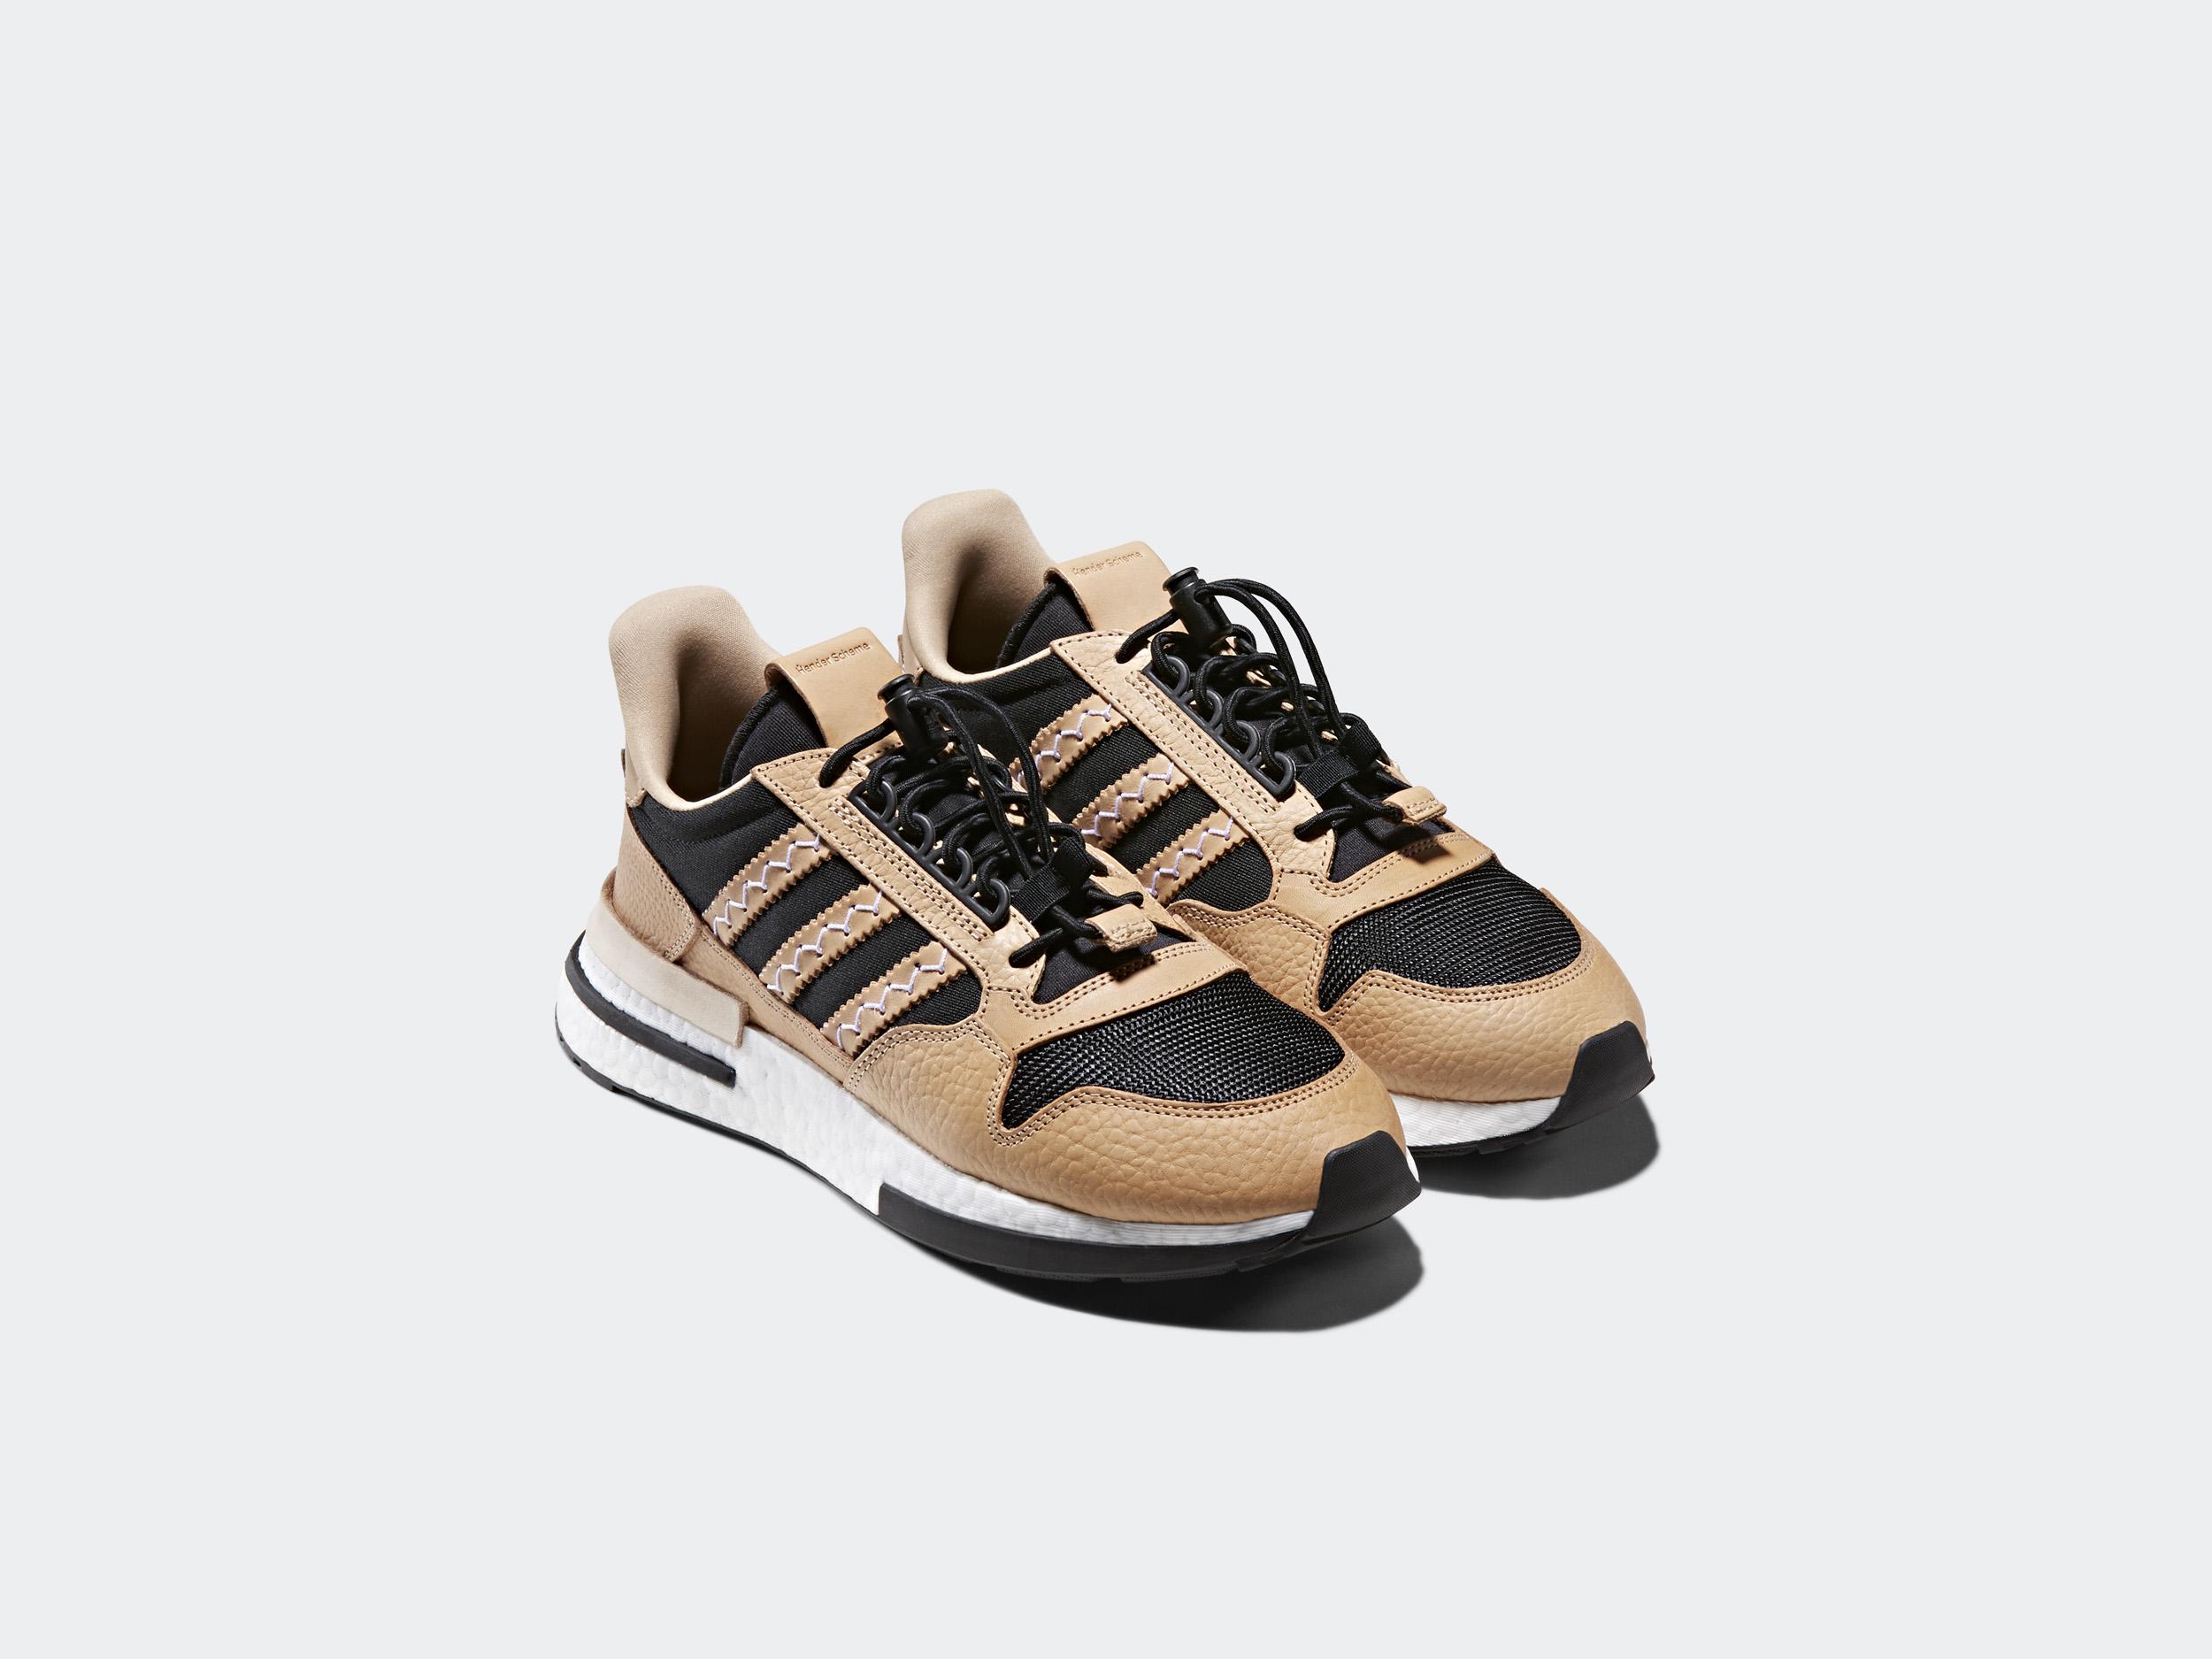 adidas x hender scheme zx 500